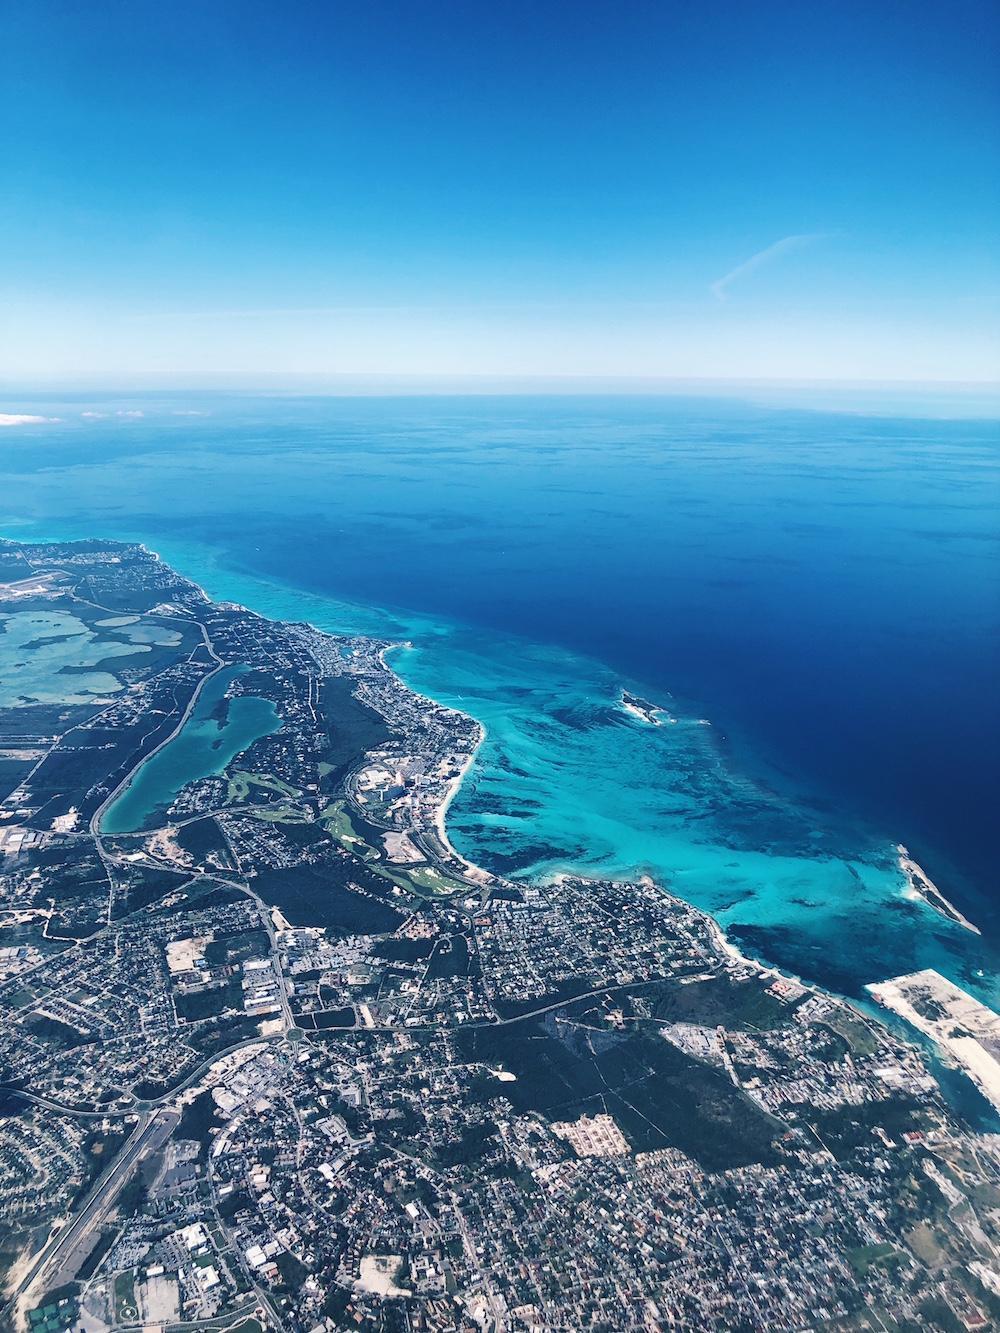 View of Grand Hyatt Baha Mar from the air bahamas